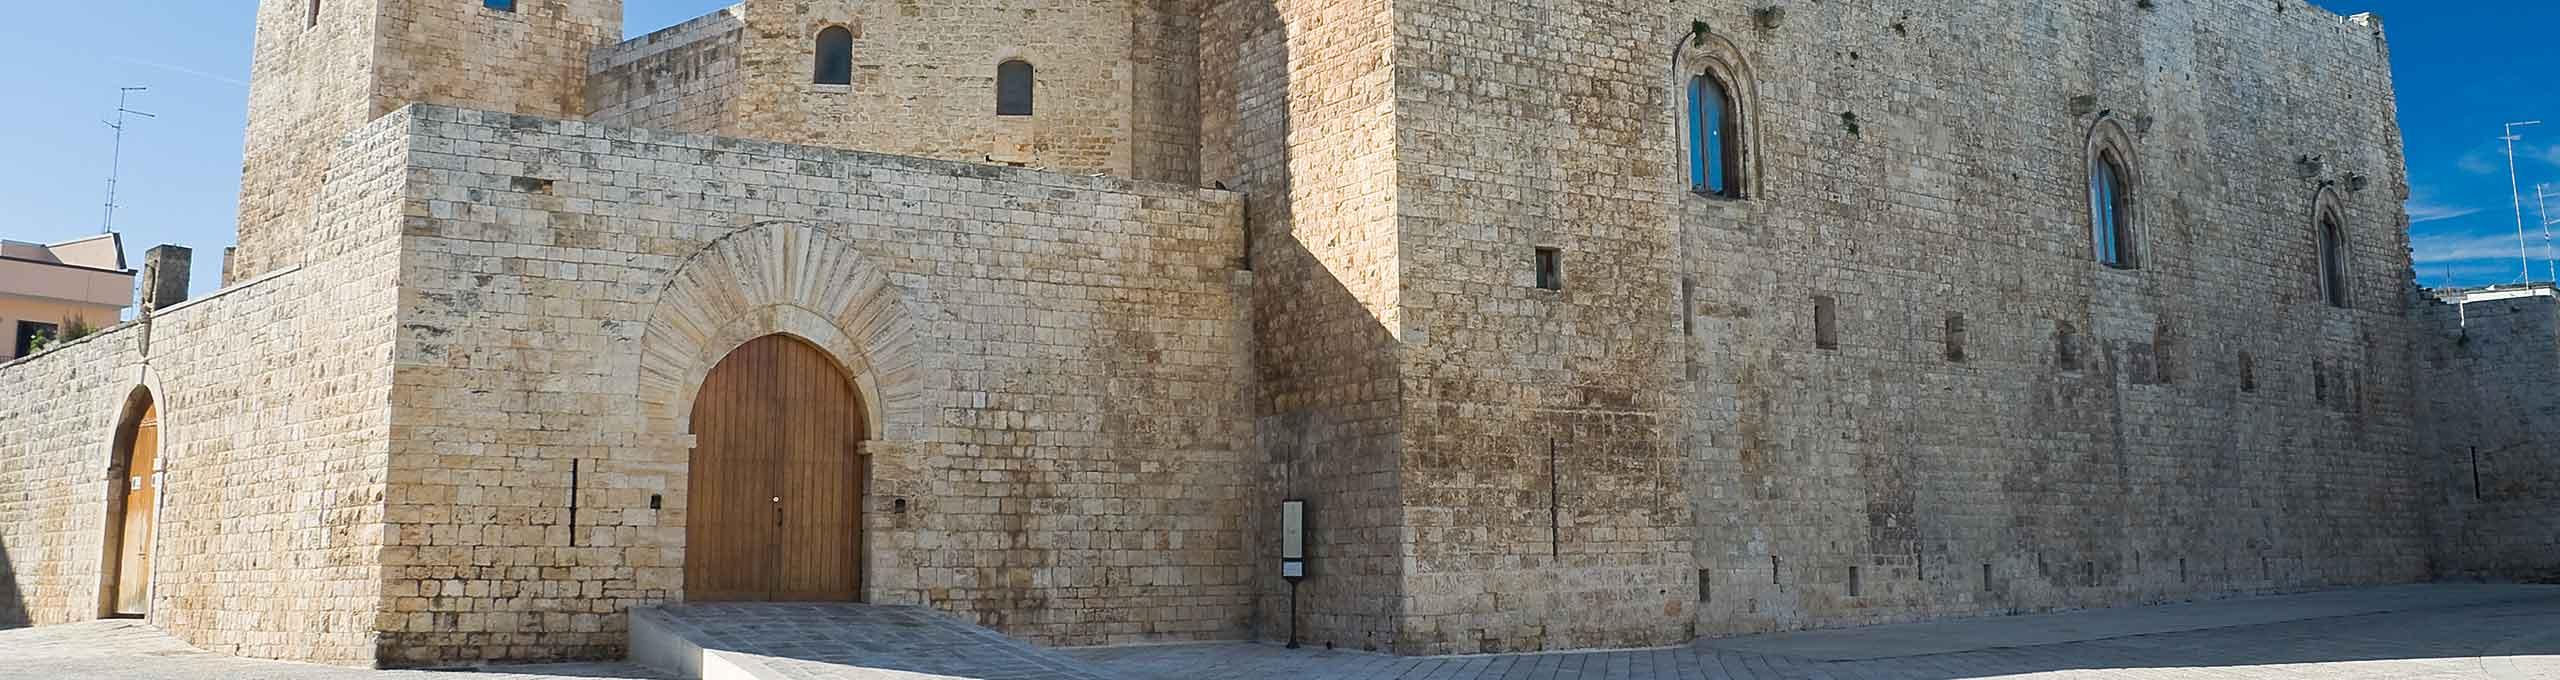 Sannicando di Bari, Castello Normanno Svevo